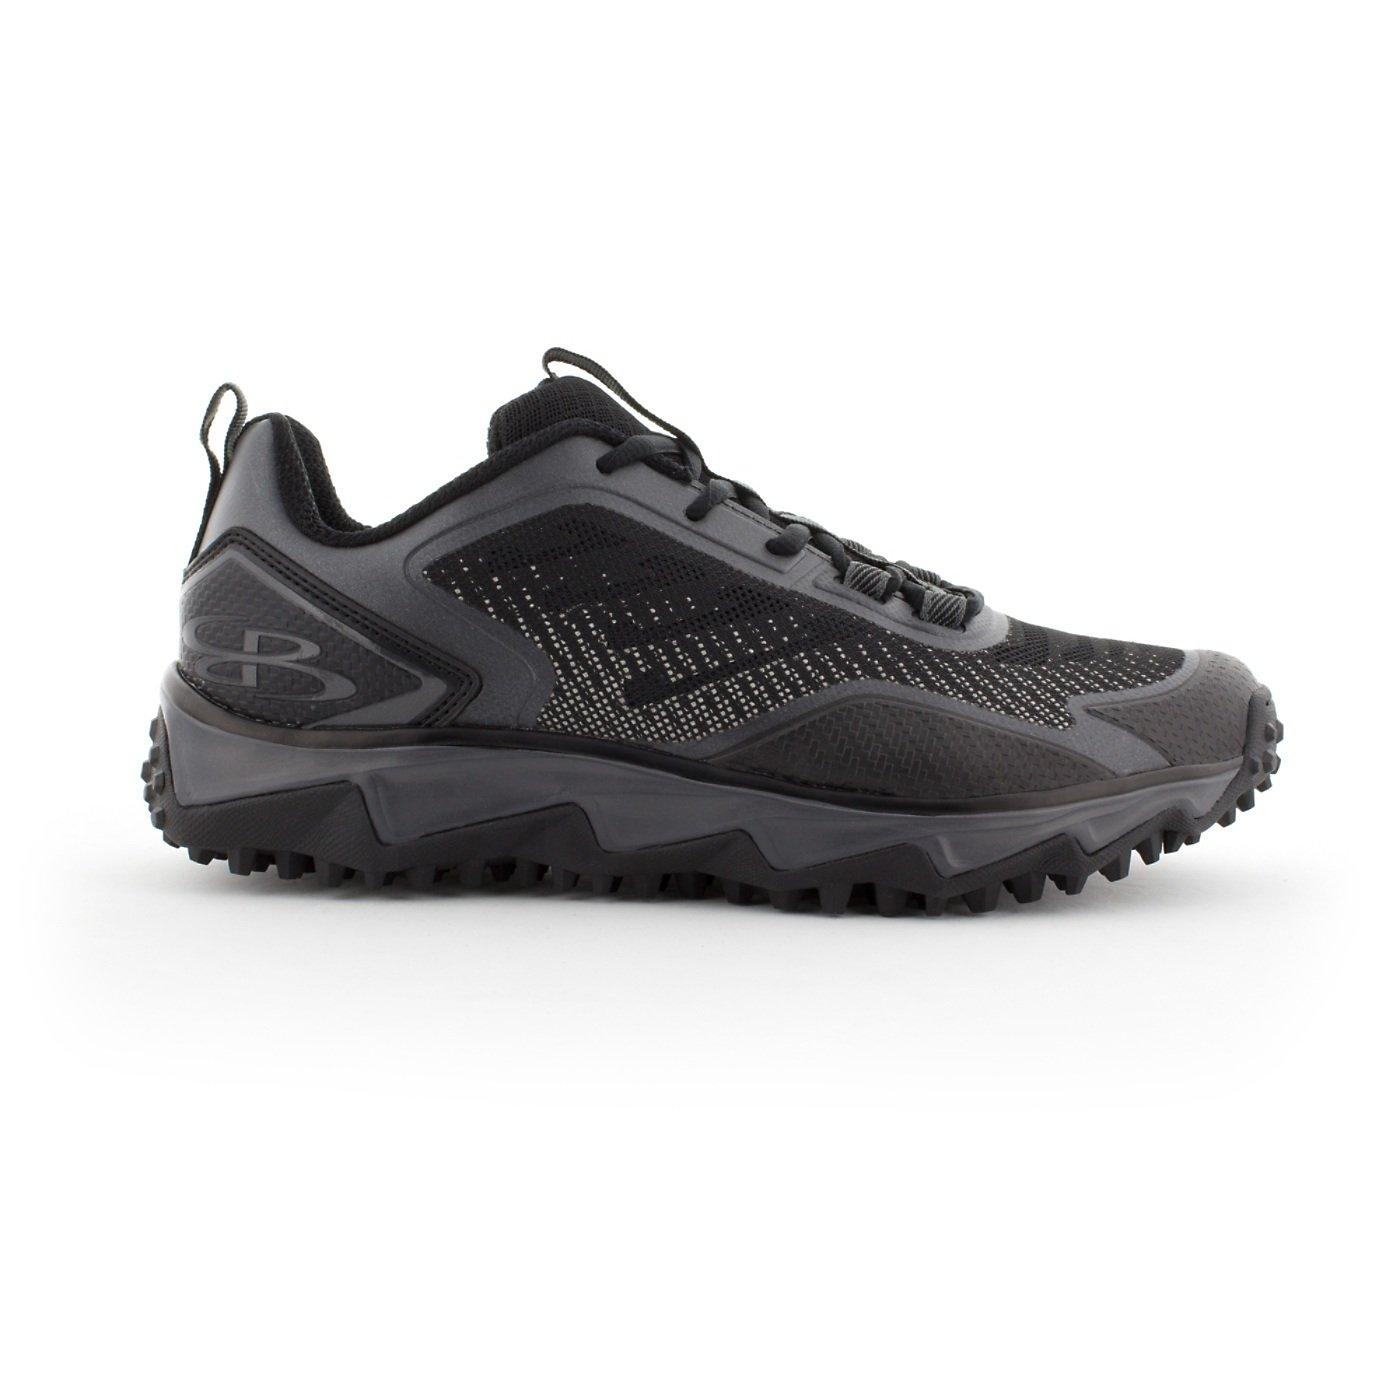 BoombahメンズBerzerk Turf Shoes – 13色オプション – 複数のサイズ B076B4YWJ5 12.5|ブラック/チャーコール ブラック/チャーコール 12.5